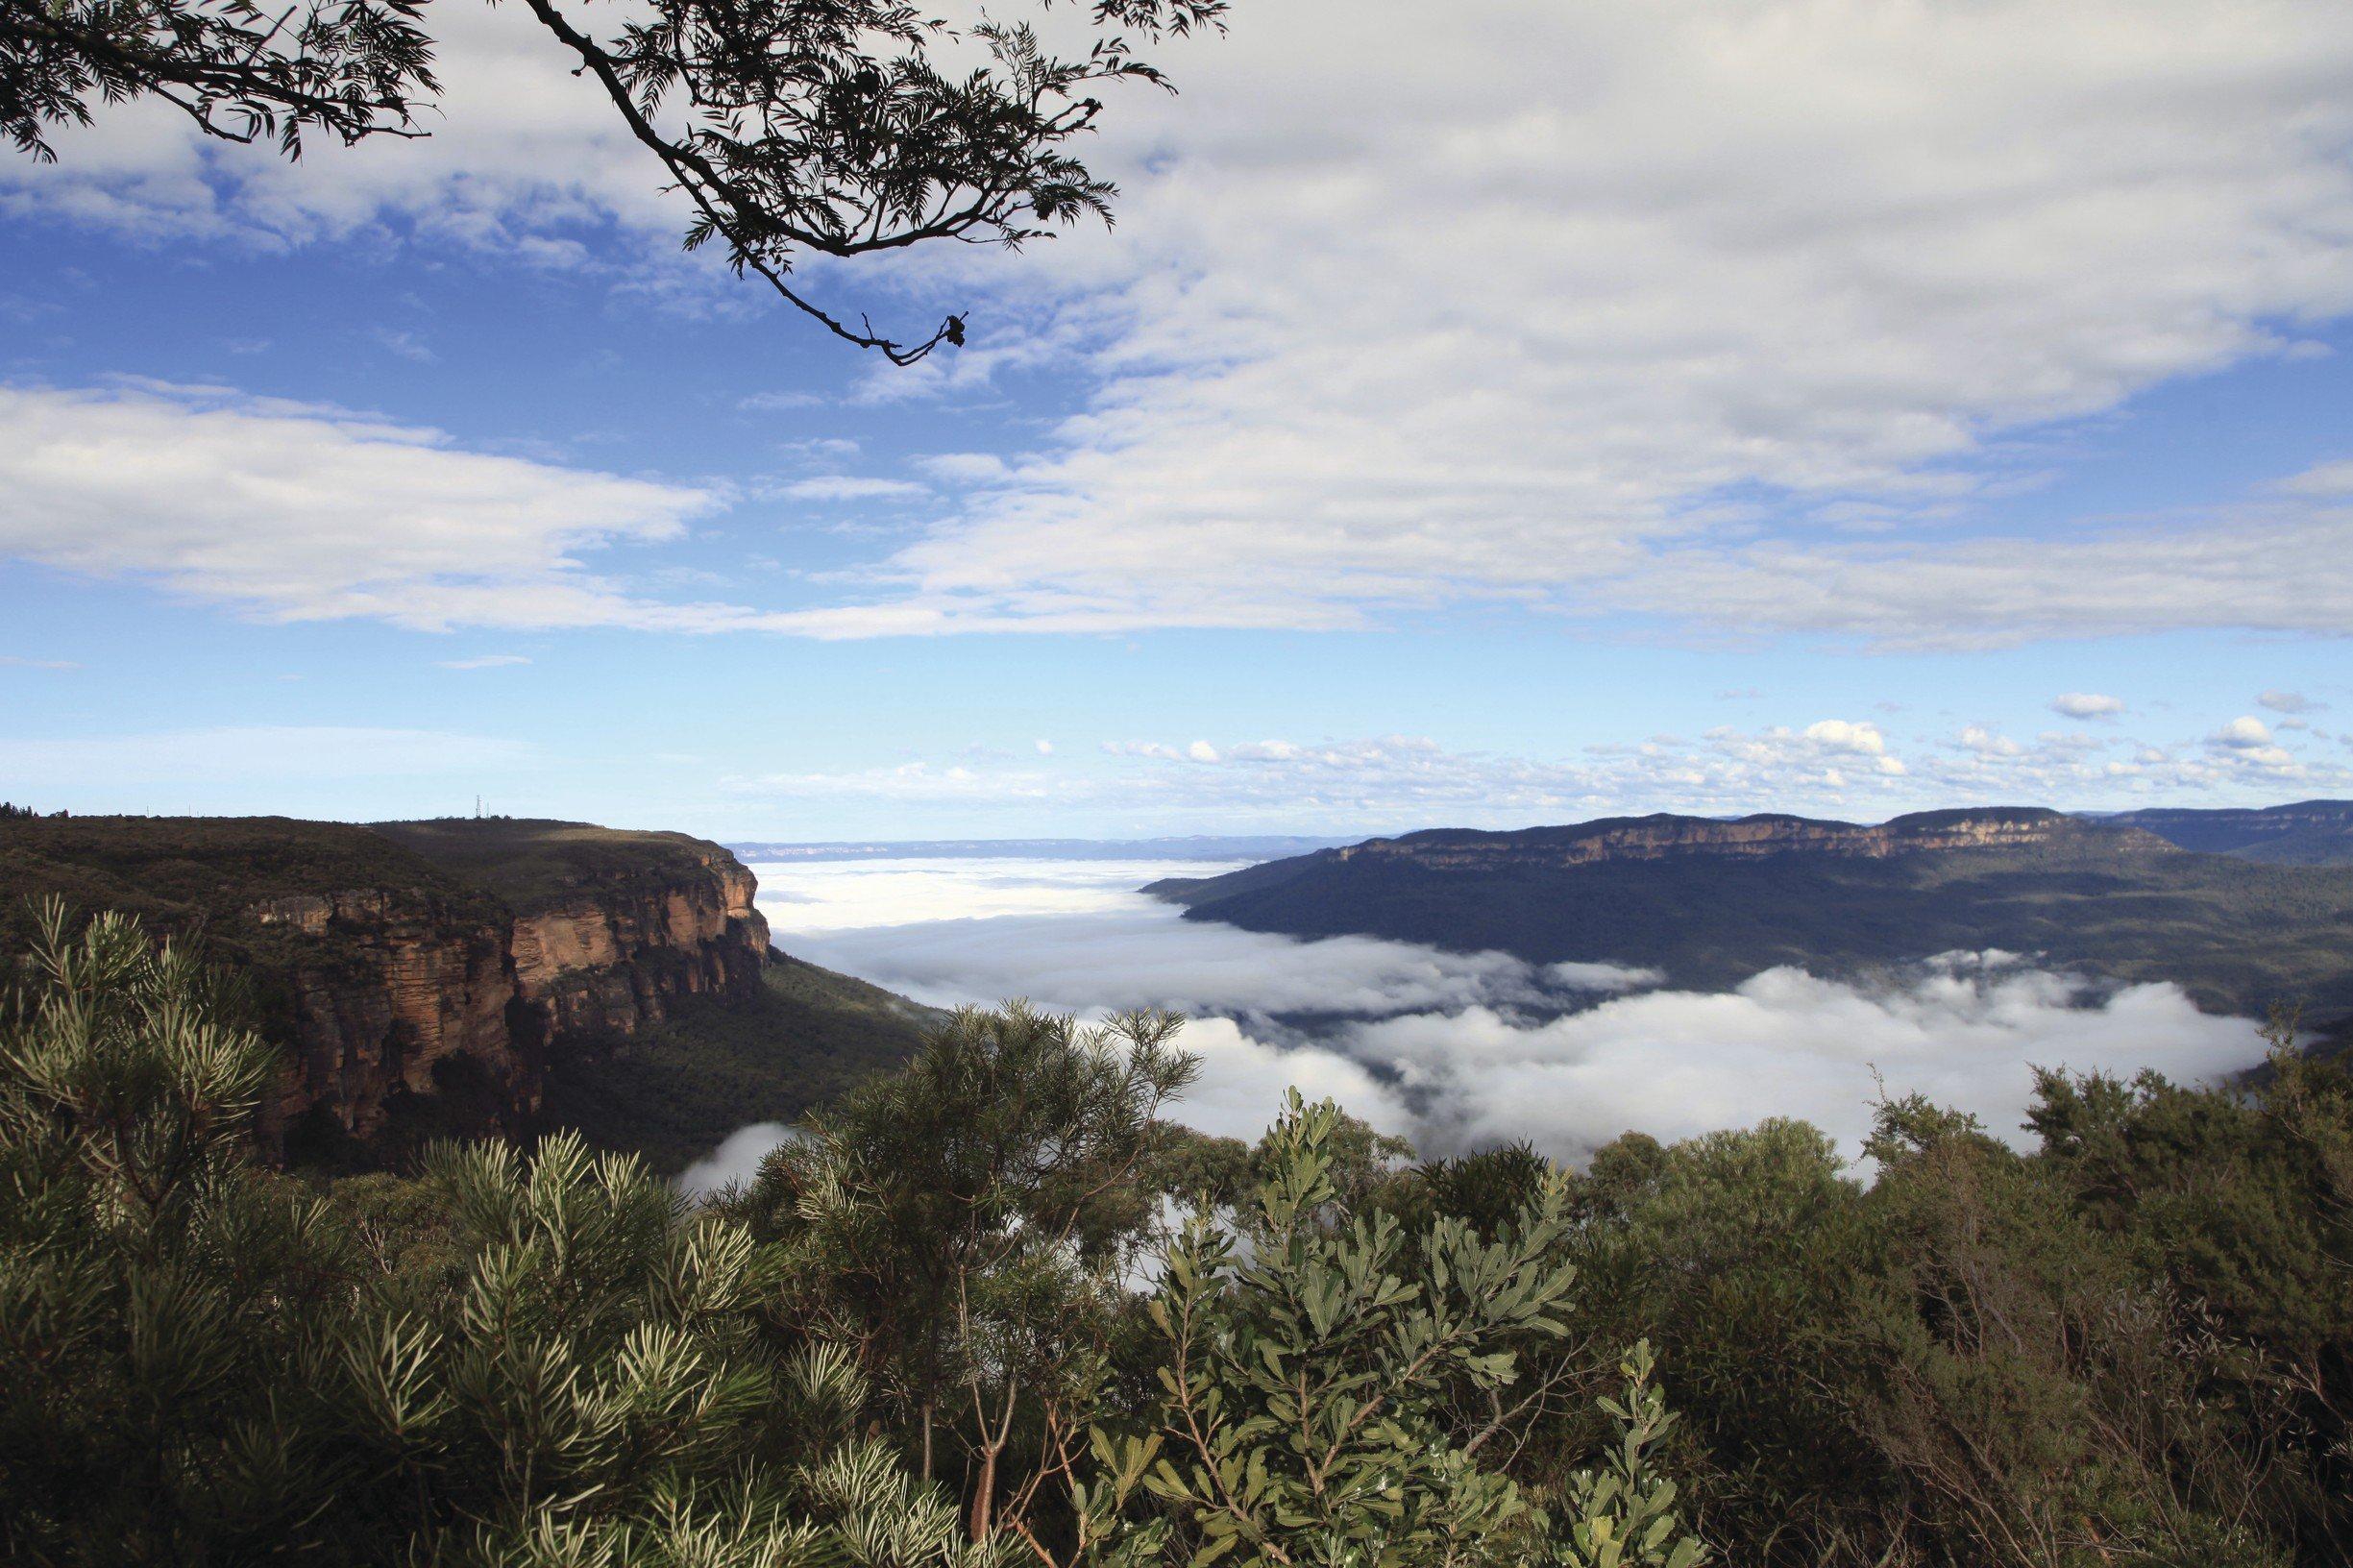 De Blue Mountains uit het boek Australië: een reis door het zuiden van Lisanna Weston namens Dutchies Travel